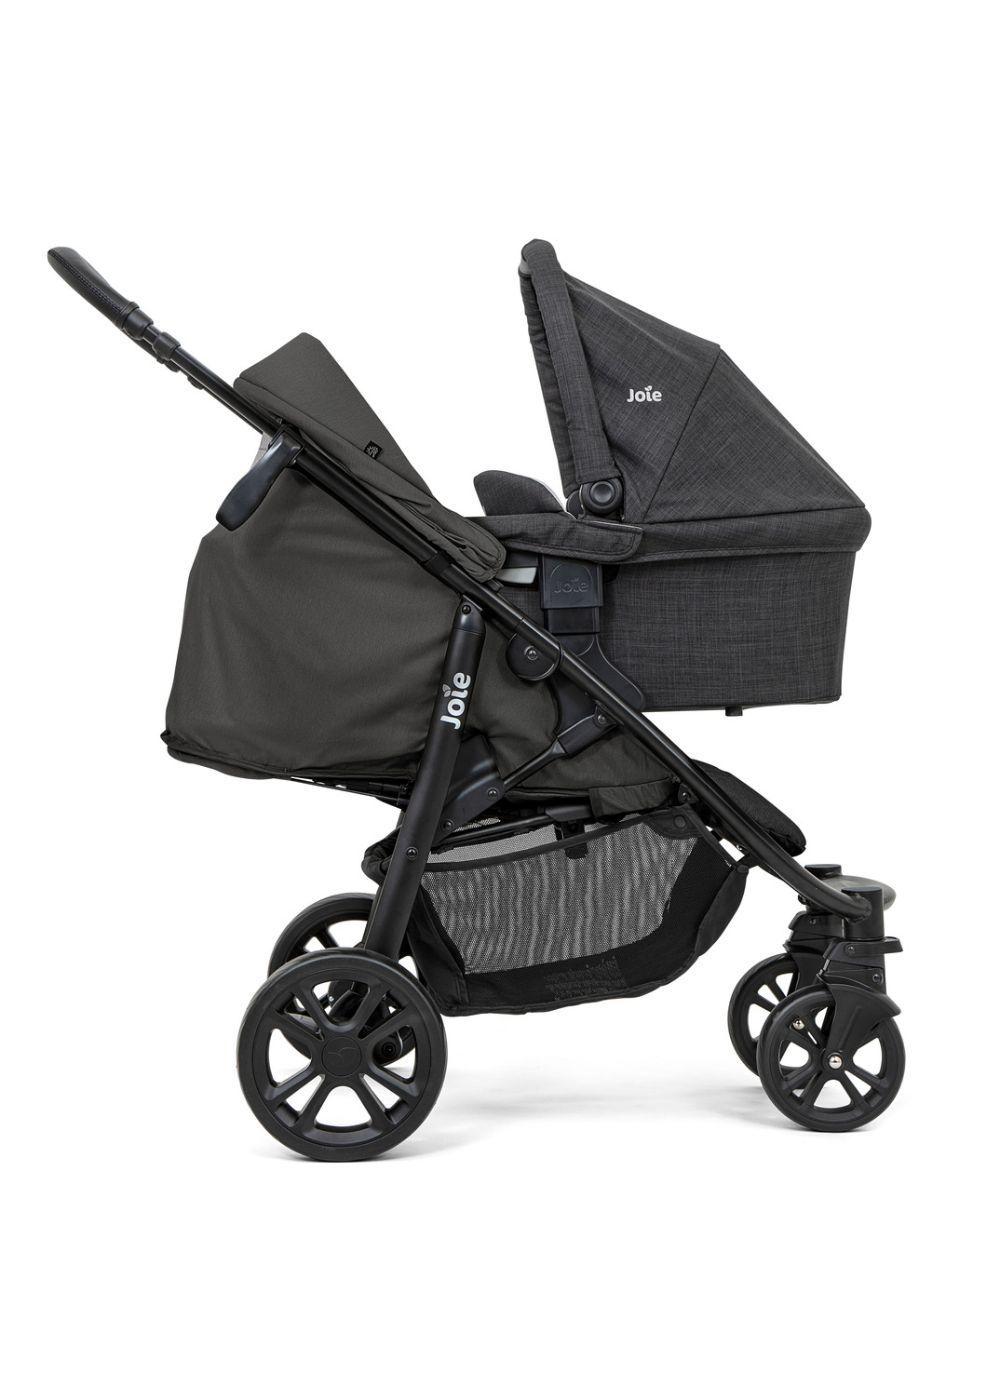 Wózek spacerowy Joie Litetrax 4 DLX przeznaczony dla dzieci do 22 kg kolor Coal